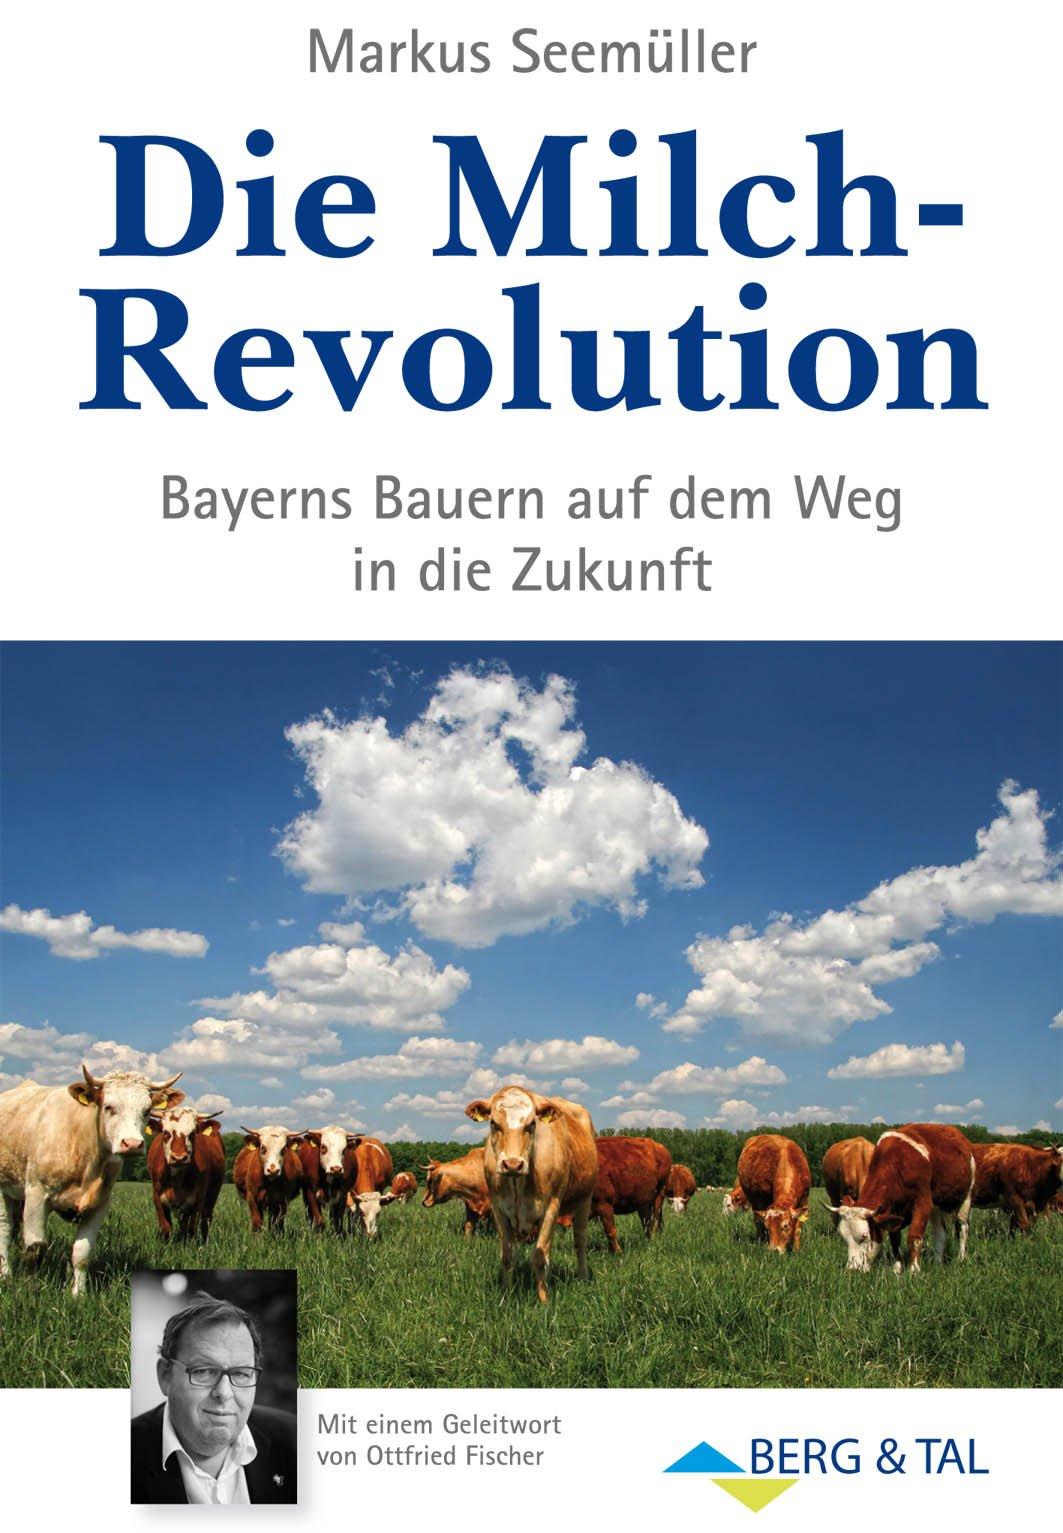 Die Milch-Revolution - Bayerns Bauern auf dem Weg in die Zukunft. Mit einem Geleitwort von Ottfried Fischer